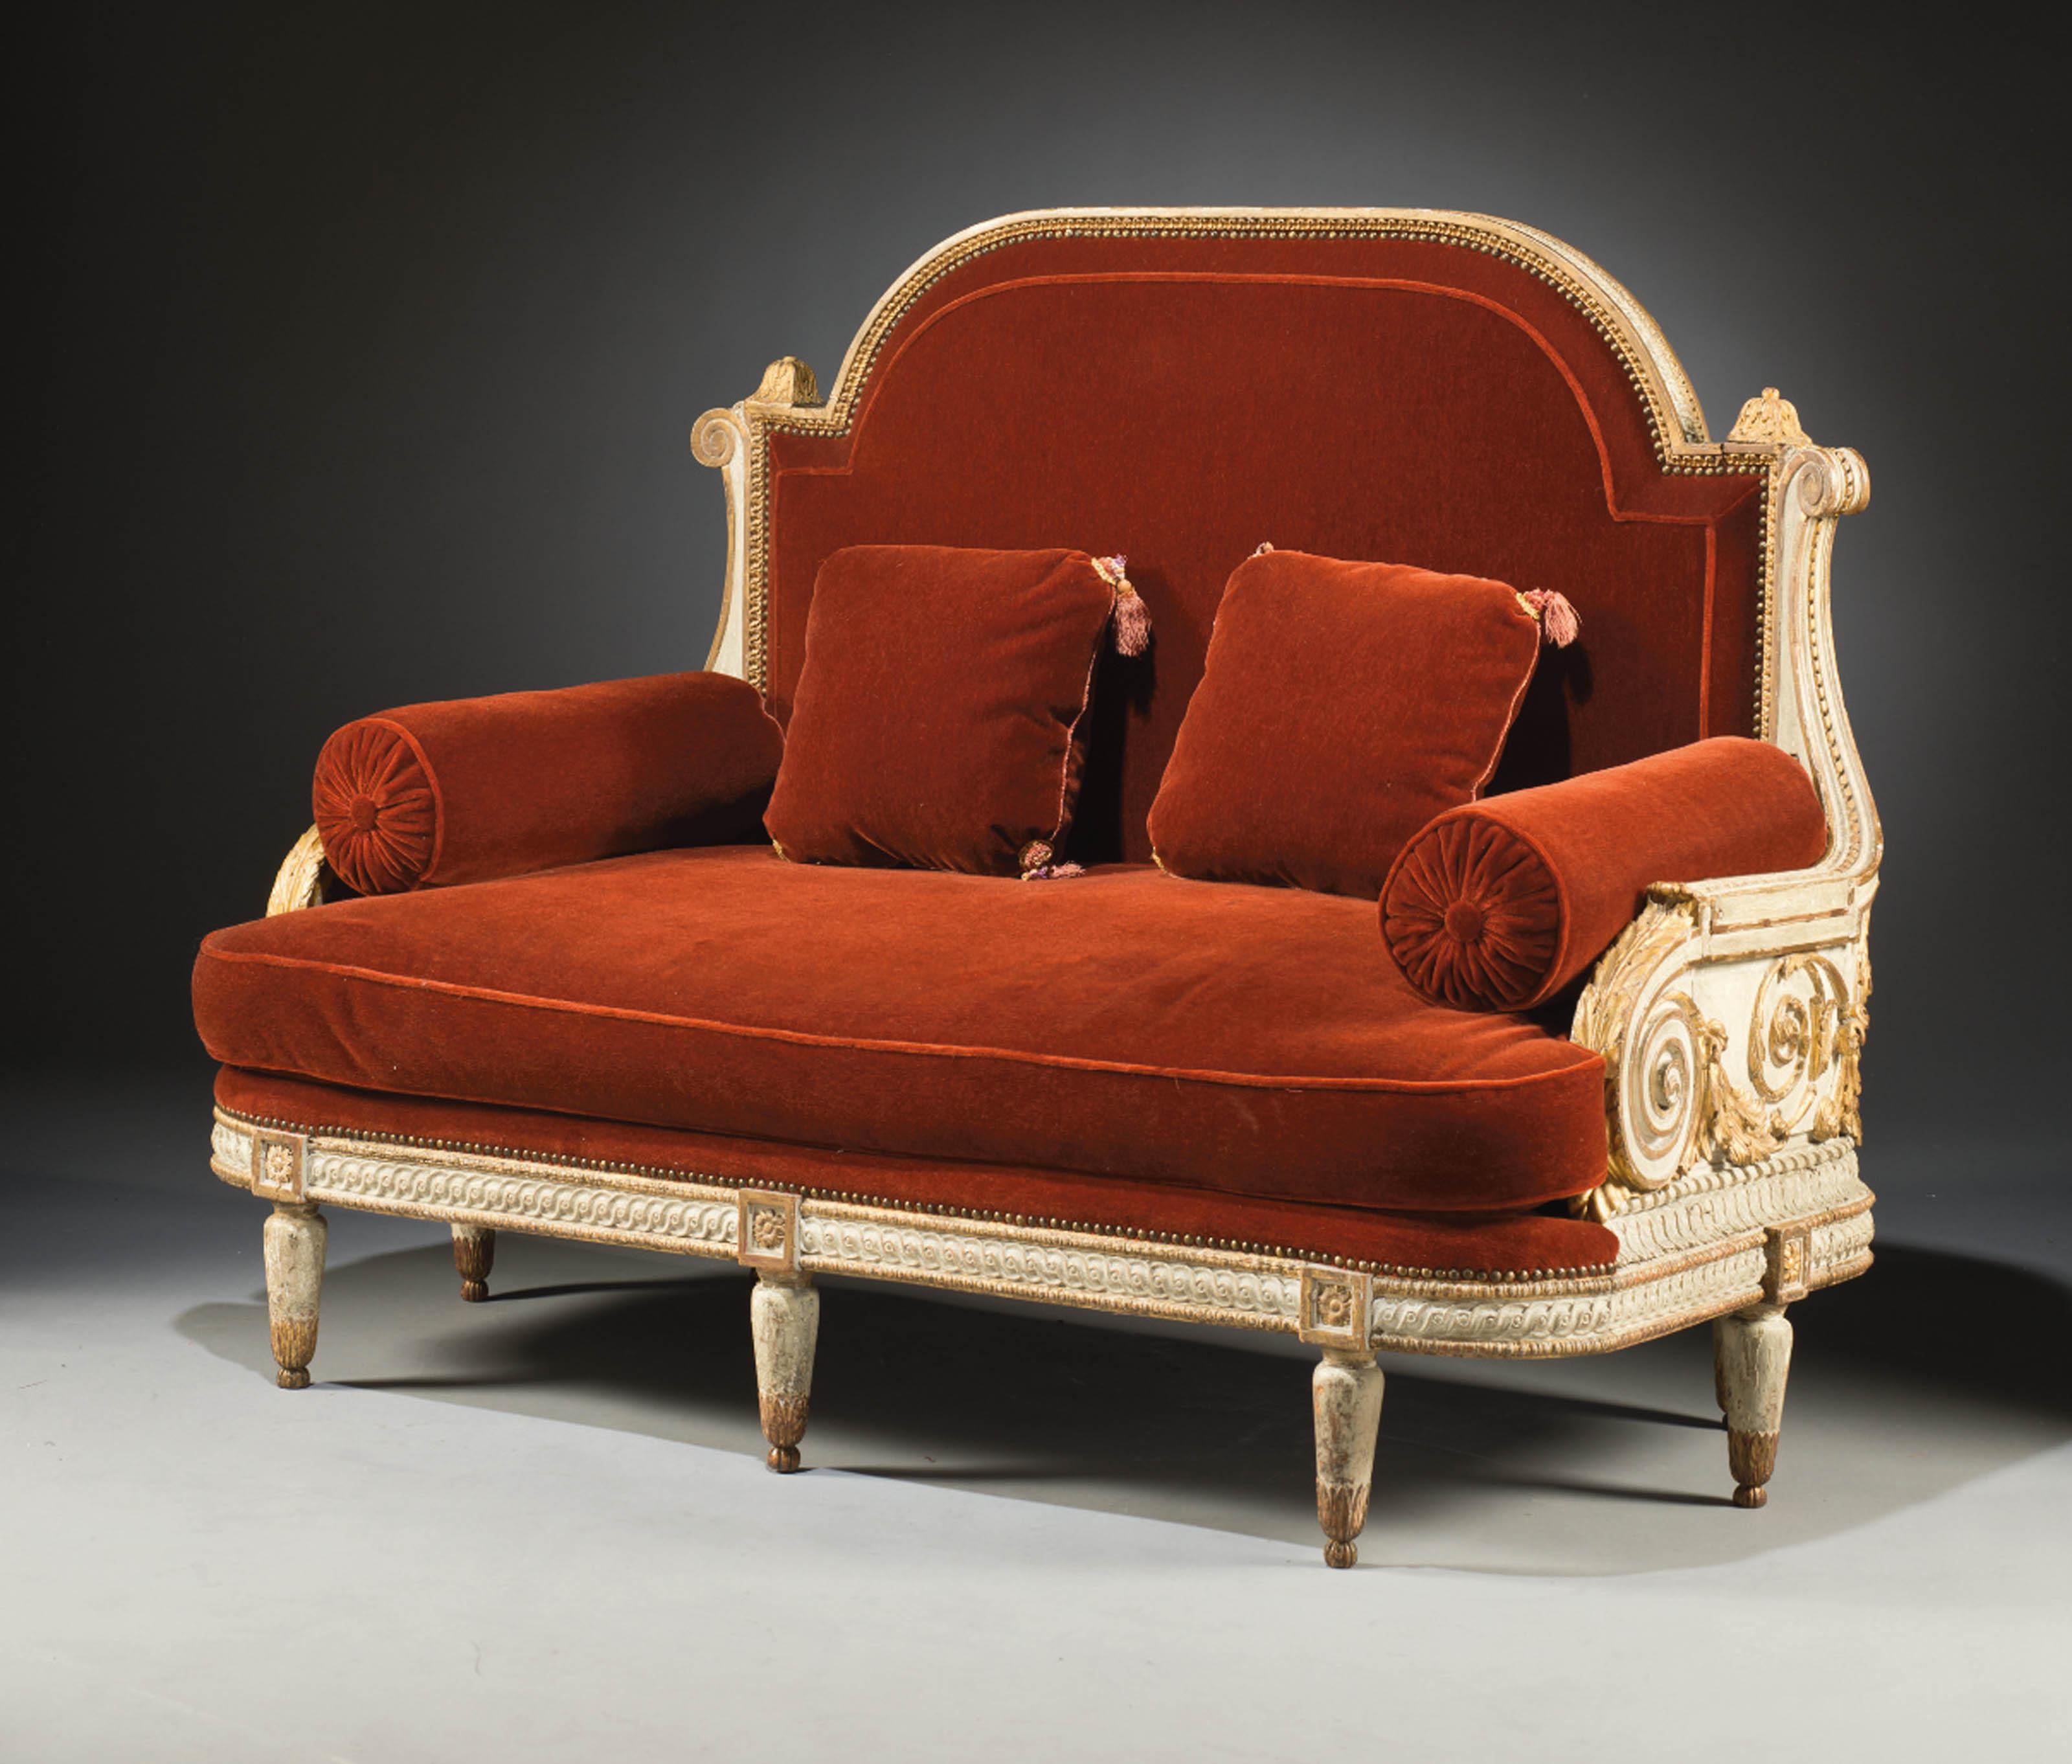 canape neoclassique comprenant des elements d 39 epoque louis xvi christie 39 s. Black Bedroom Furniture Sets. Home Design Ideas